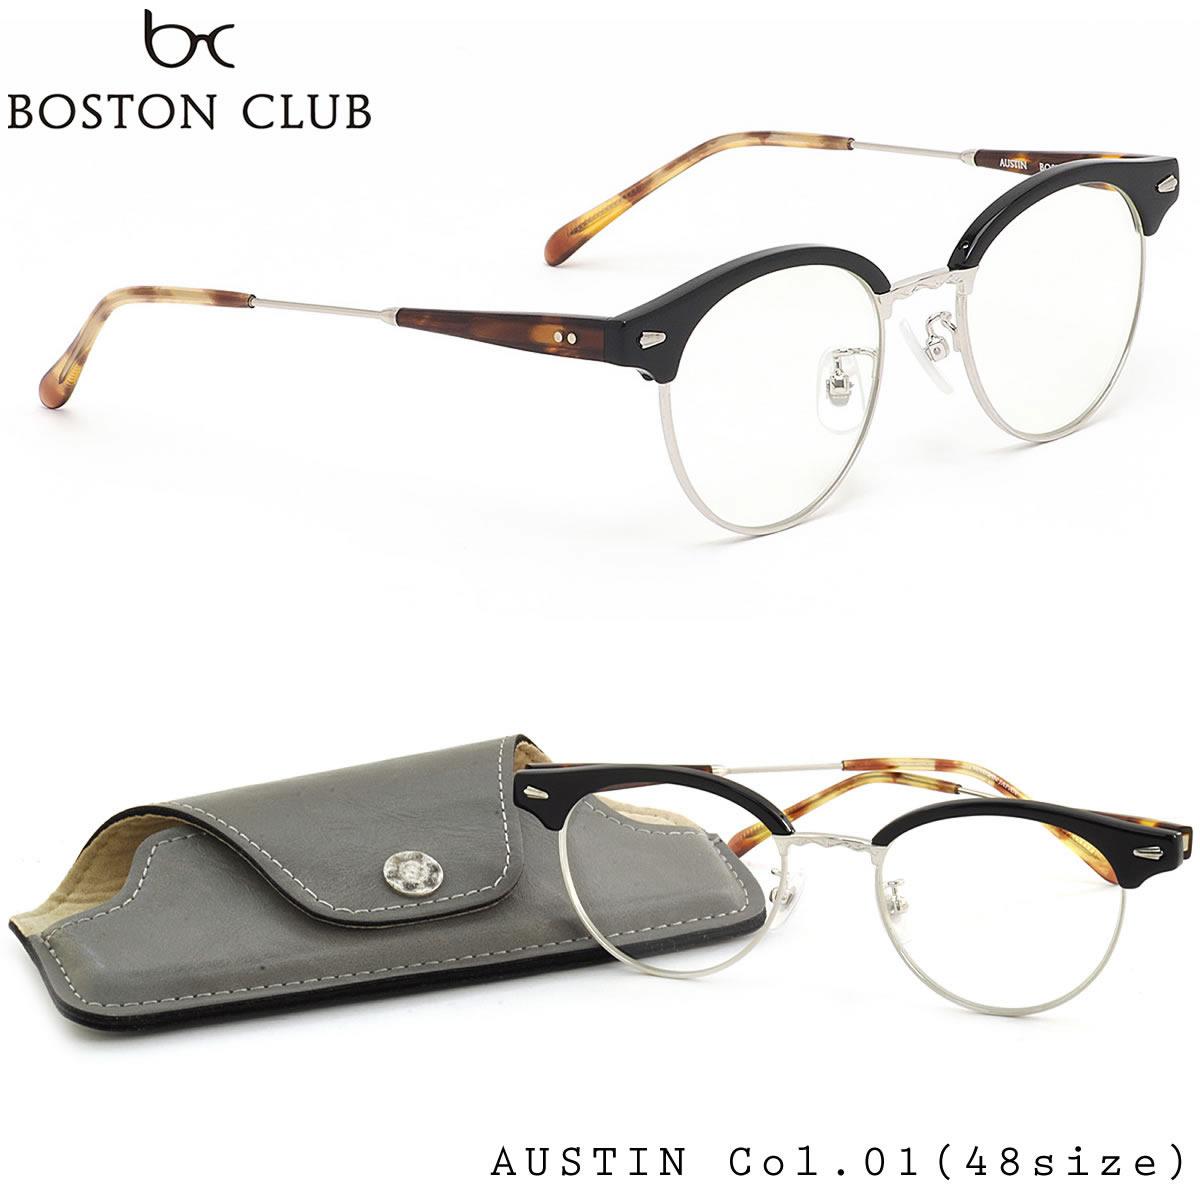 【10月30日からエントリーで全品ポイント20倍】【BOSTON CLUB】 (ボストンクラブ) メガネ 伊達メガネセットAUSTIN 01 48サイズ日本製 BOSTONCLUB メンズ レディース